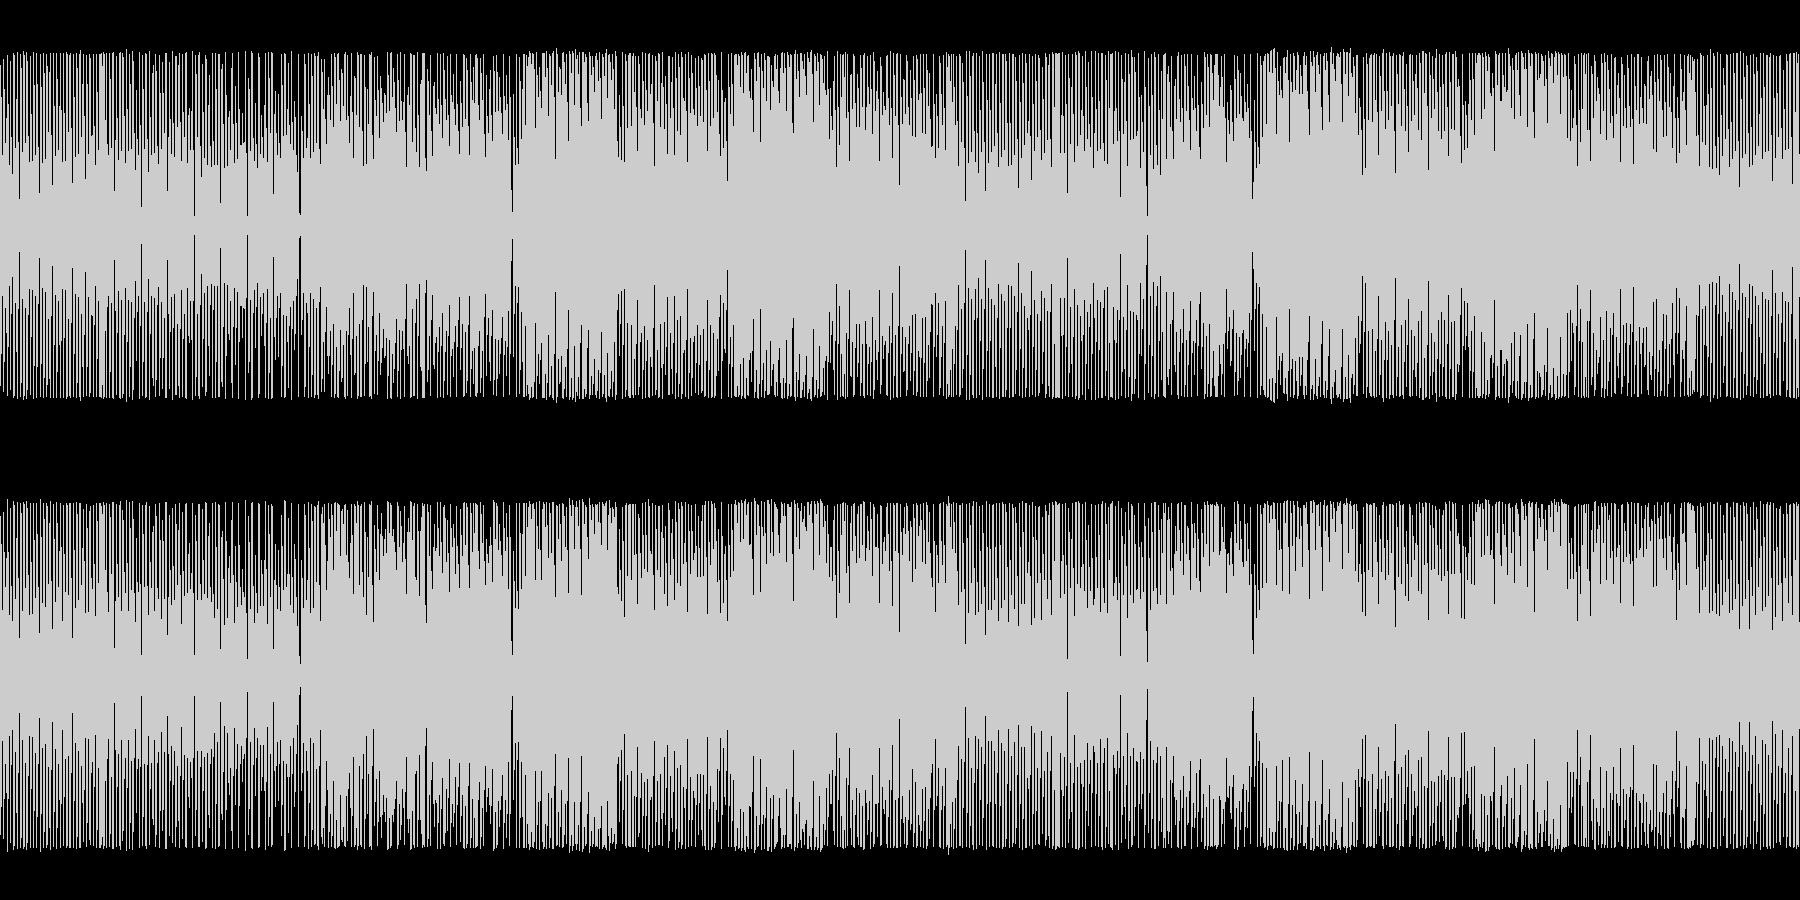 明るく軽快なチップチューンサウンドの未再生の波形